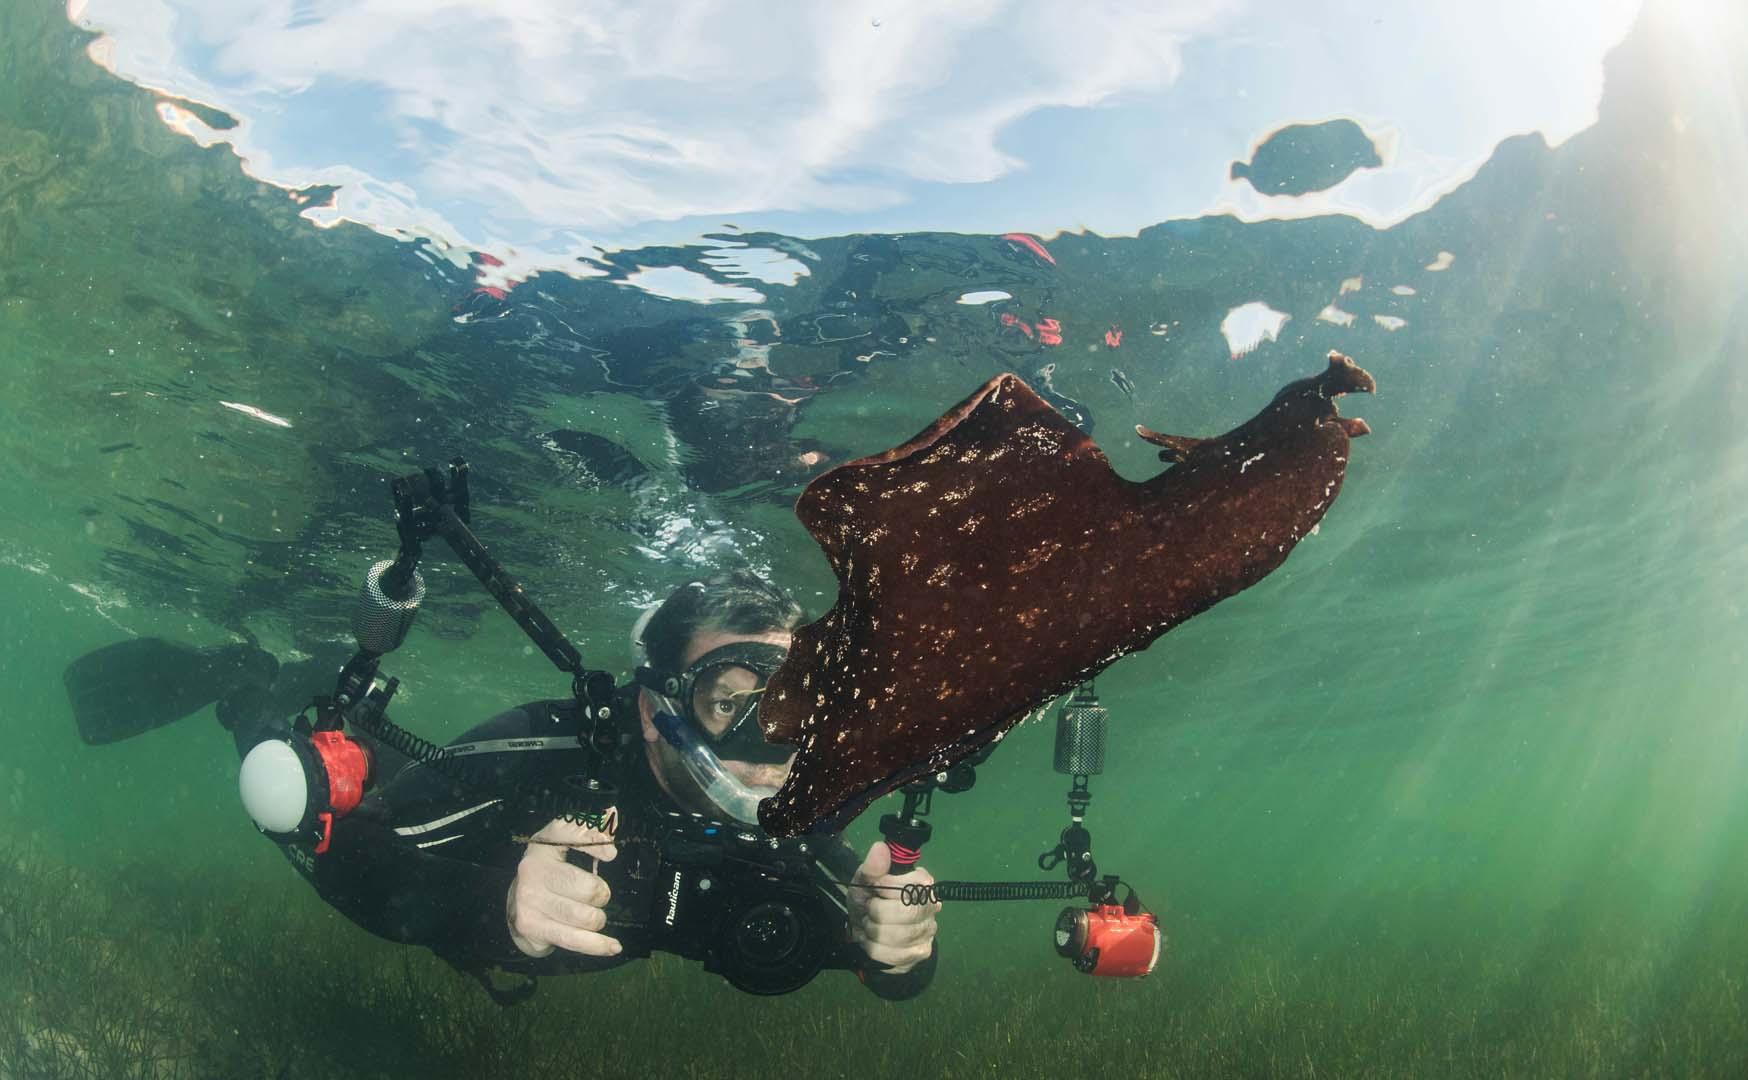 Grandísimo ejemplar nadando. Buzo de fondo para realzar el tamaño de la liebre de mar.